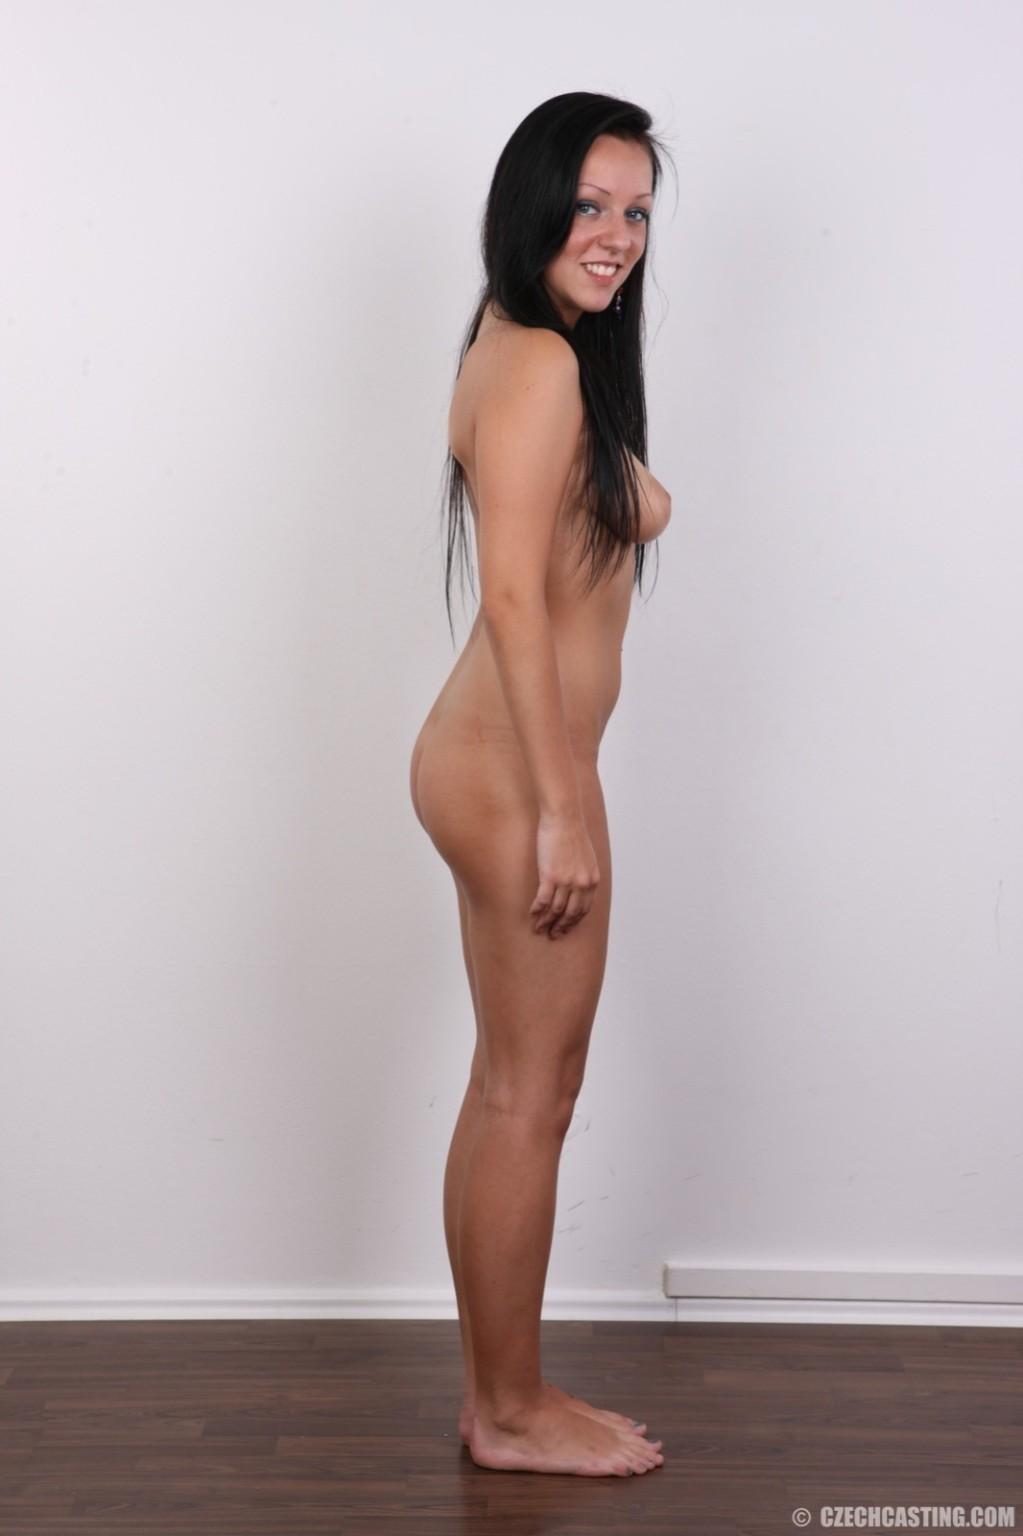 Девушка с весящими дойками улыбается голая на камеру в офисе